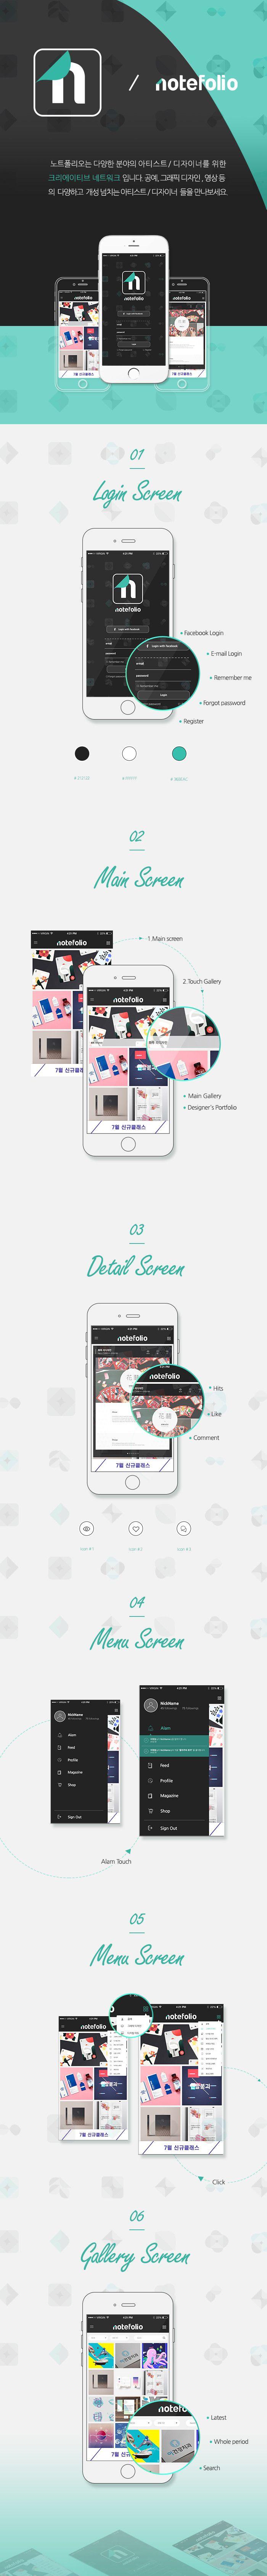 개인적으로 노트폴리오를 자주 들리는 이용자로써 Pinterest나 Behance처럼 노트폴리오도 따로 어플이 생겼으면 좋겠다 싶어 모바일 버전을 앱 자체로 간단히 디자인 해보았습니다!